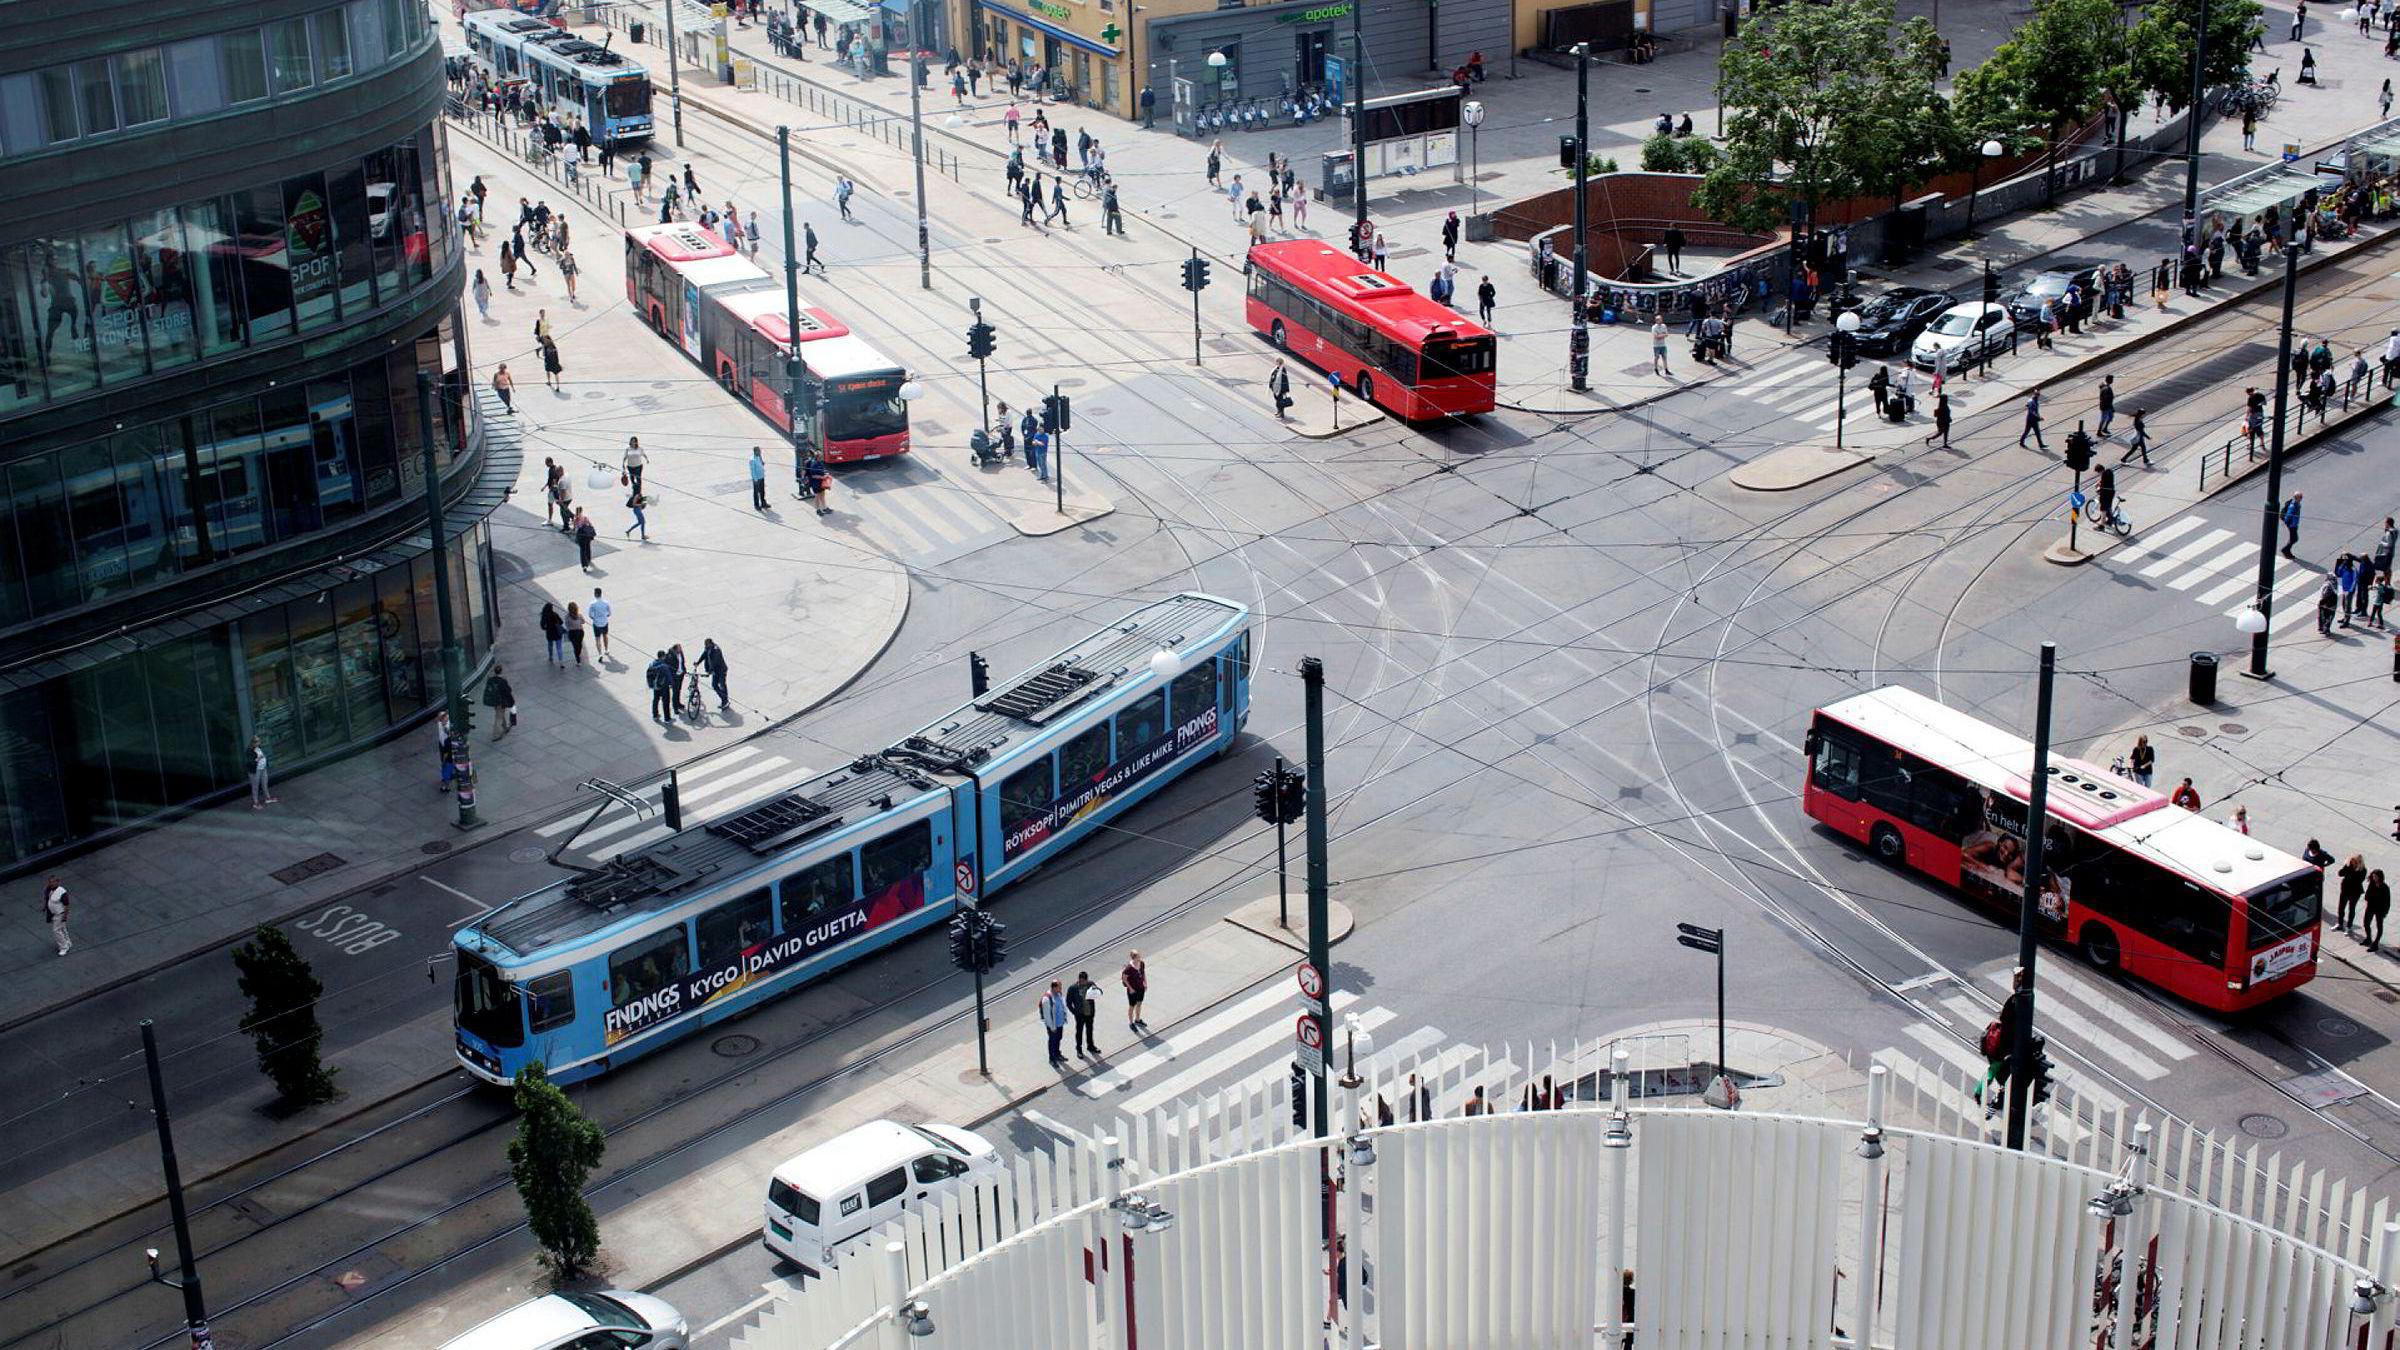 Oslo er blant de raskest voksende urbane områdene i Europa. Hovedstaden har voksesmerter i alle ledd: Kloakk, søppel, vann, energi, transport med mer, skriver artikkelforfatteren. Her fra Oslo sentrum.